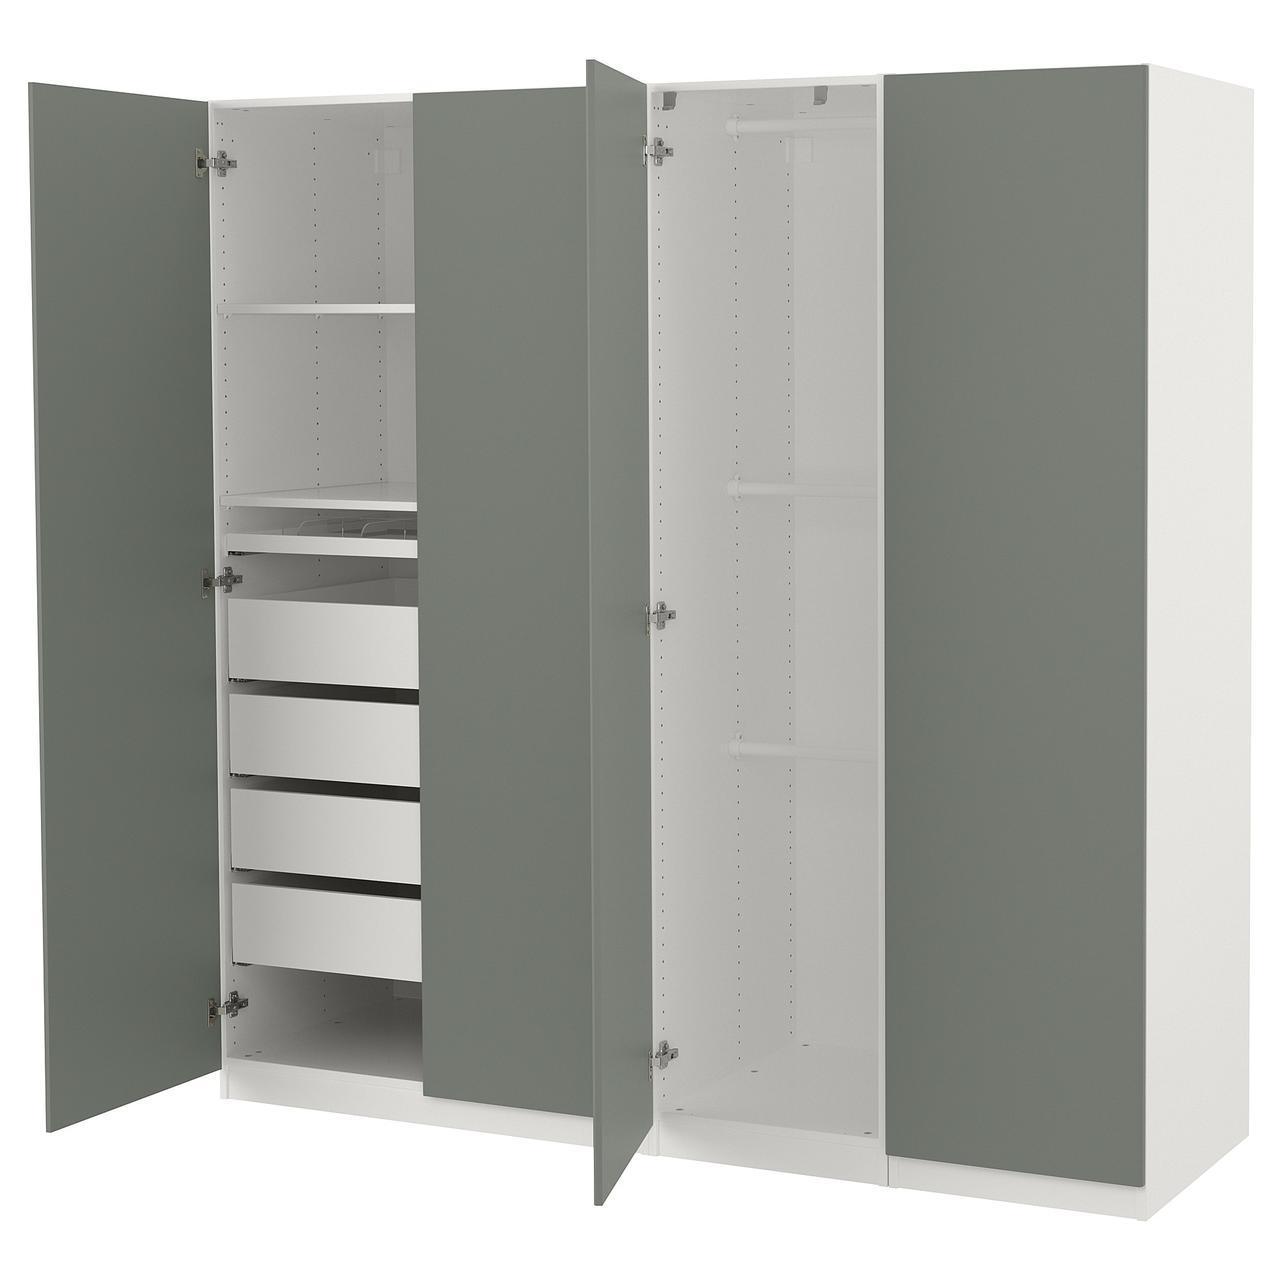 Шкаф IKEA PAX Reinsvoll белый серо-зеленый 892.758.21